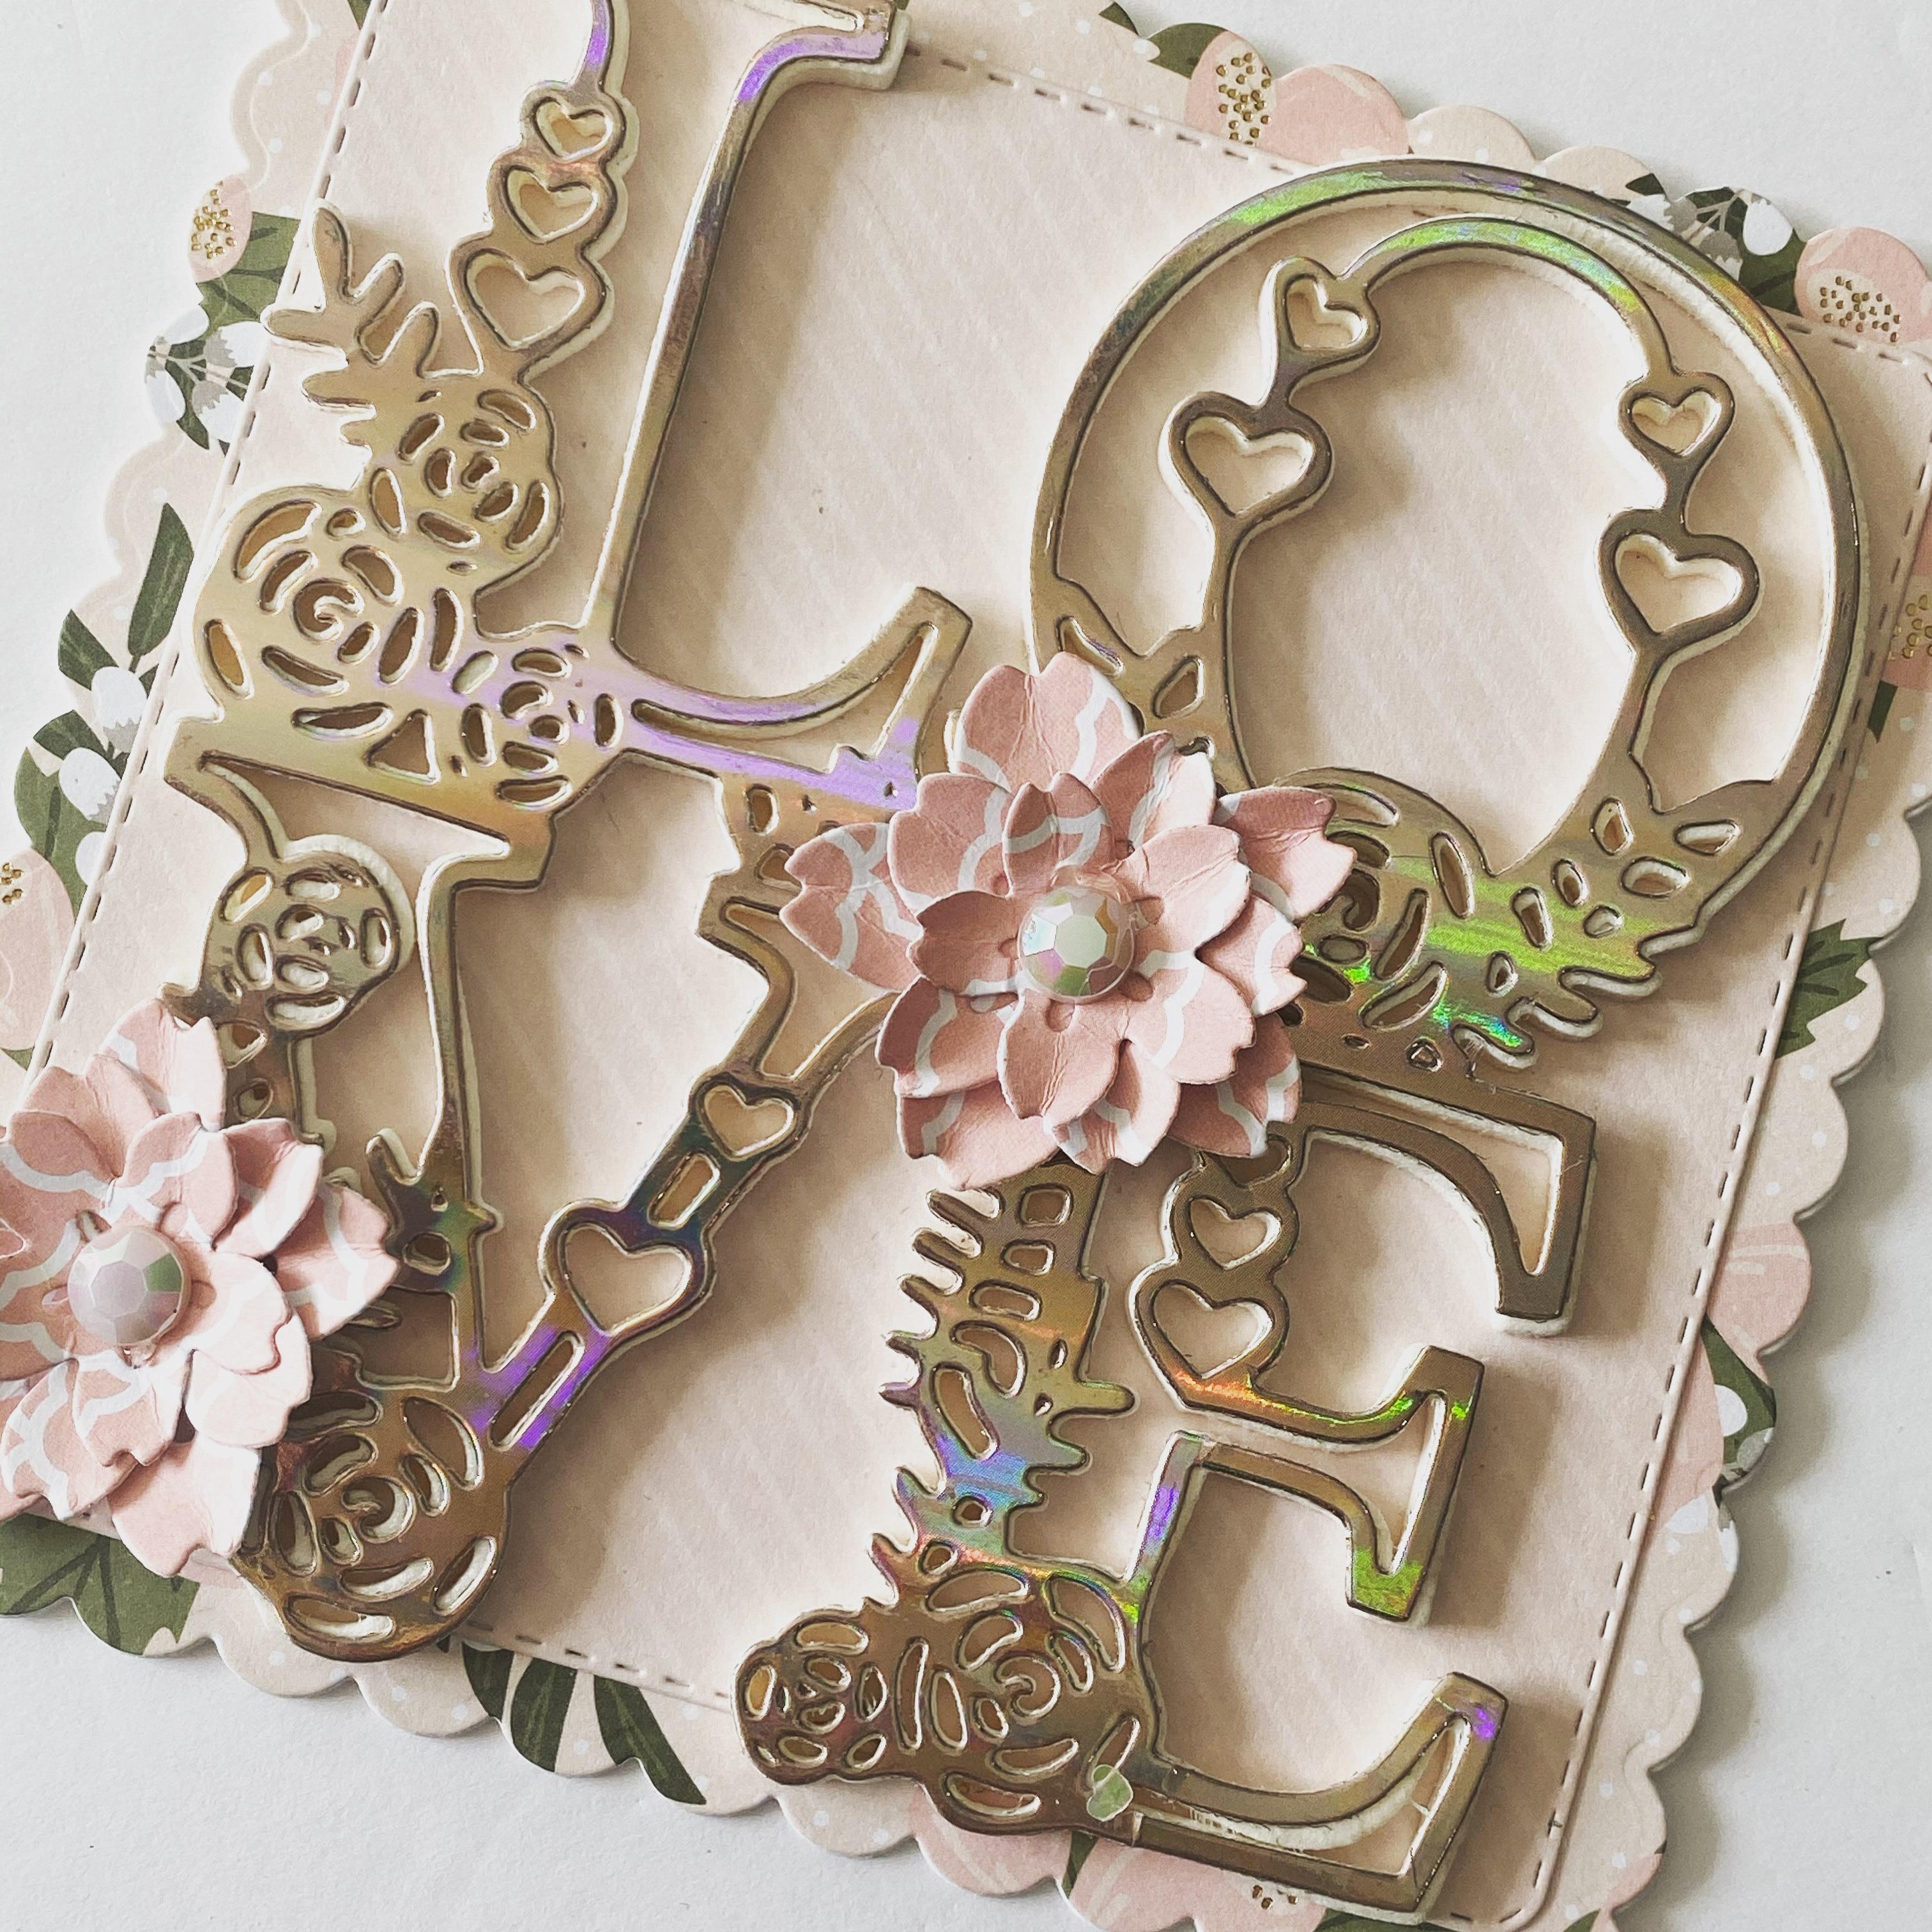 KSCRAFT Flourish Love Word металлические режущие трафареты для DIY скрапбукинга декоративные тиснения DIY бумажные карты